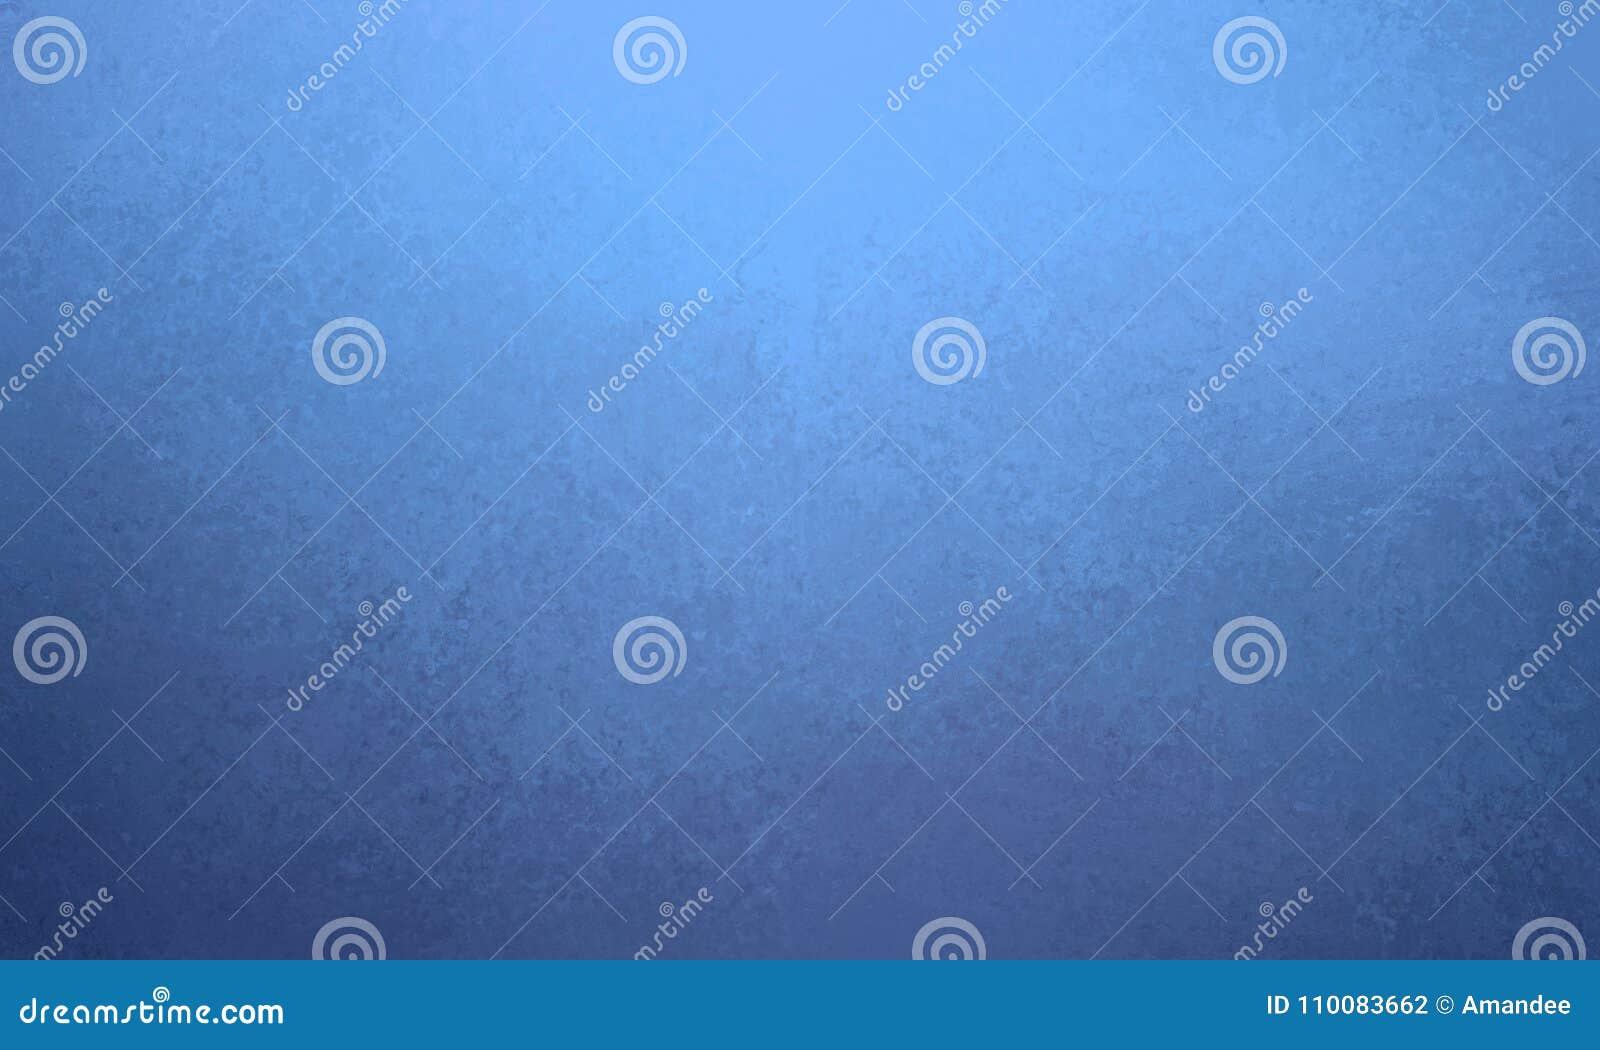 Lichtblauw ontwerp als achtergrond met donkerblauwe grens en uitstekende textuur, gradiënt blauwe kleur